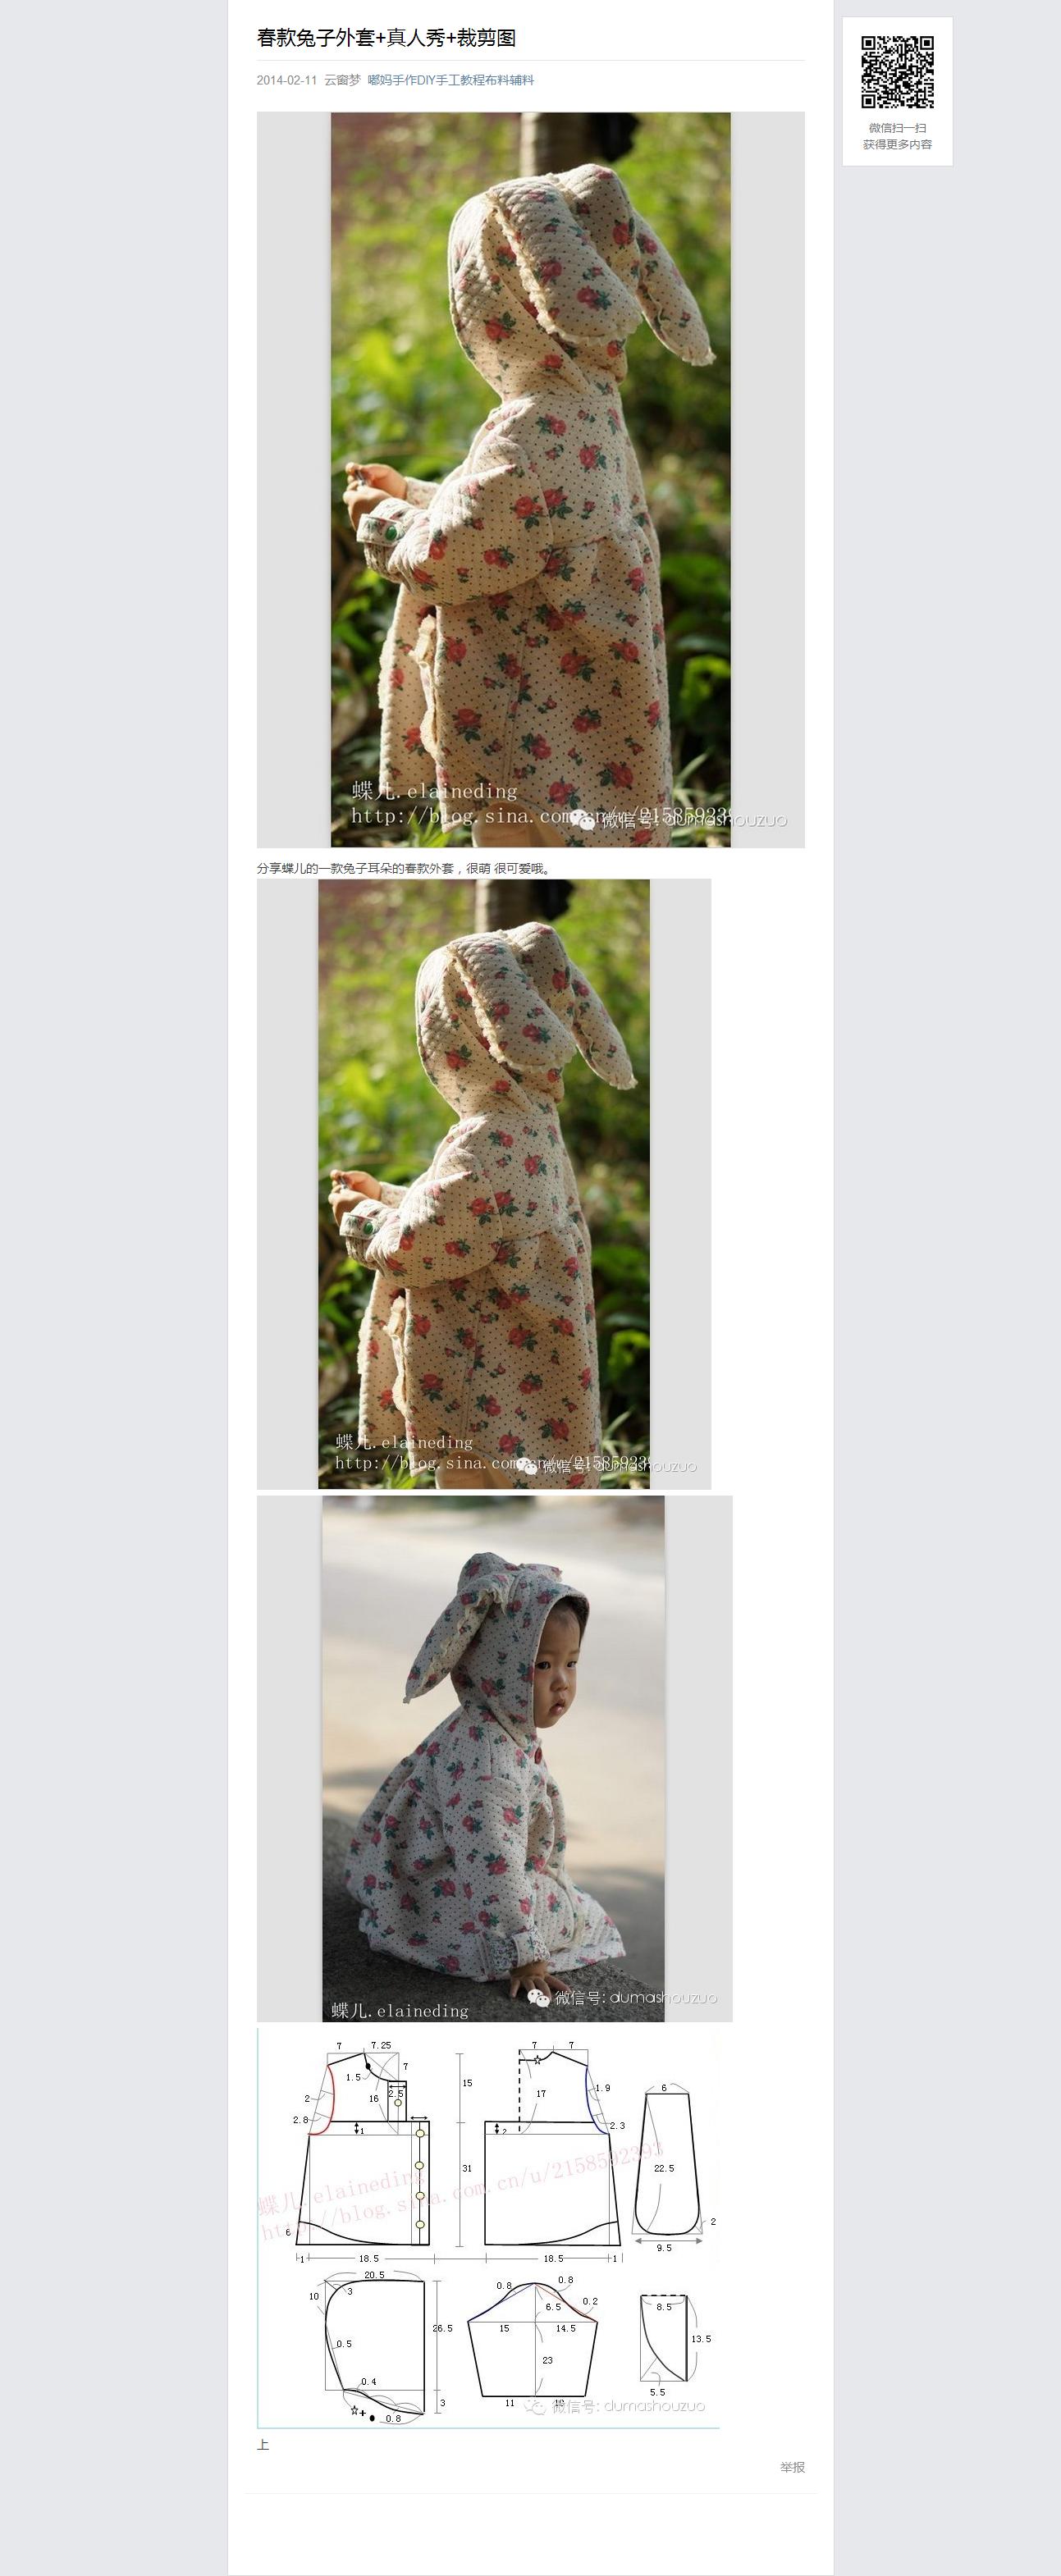 rabbit | Rap ao vay baby | Pinterest | Molde, Patronaje y Patrones